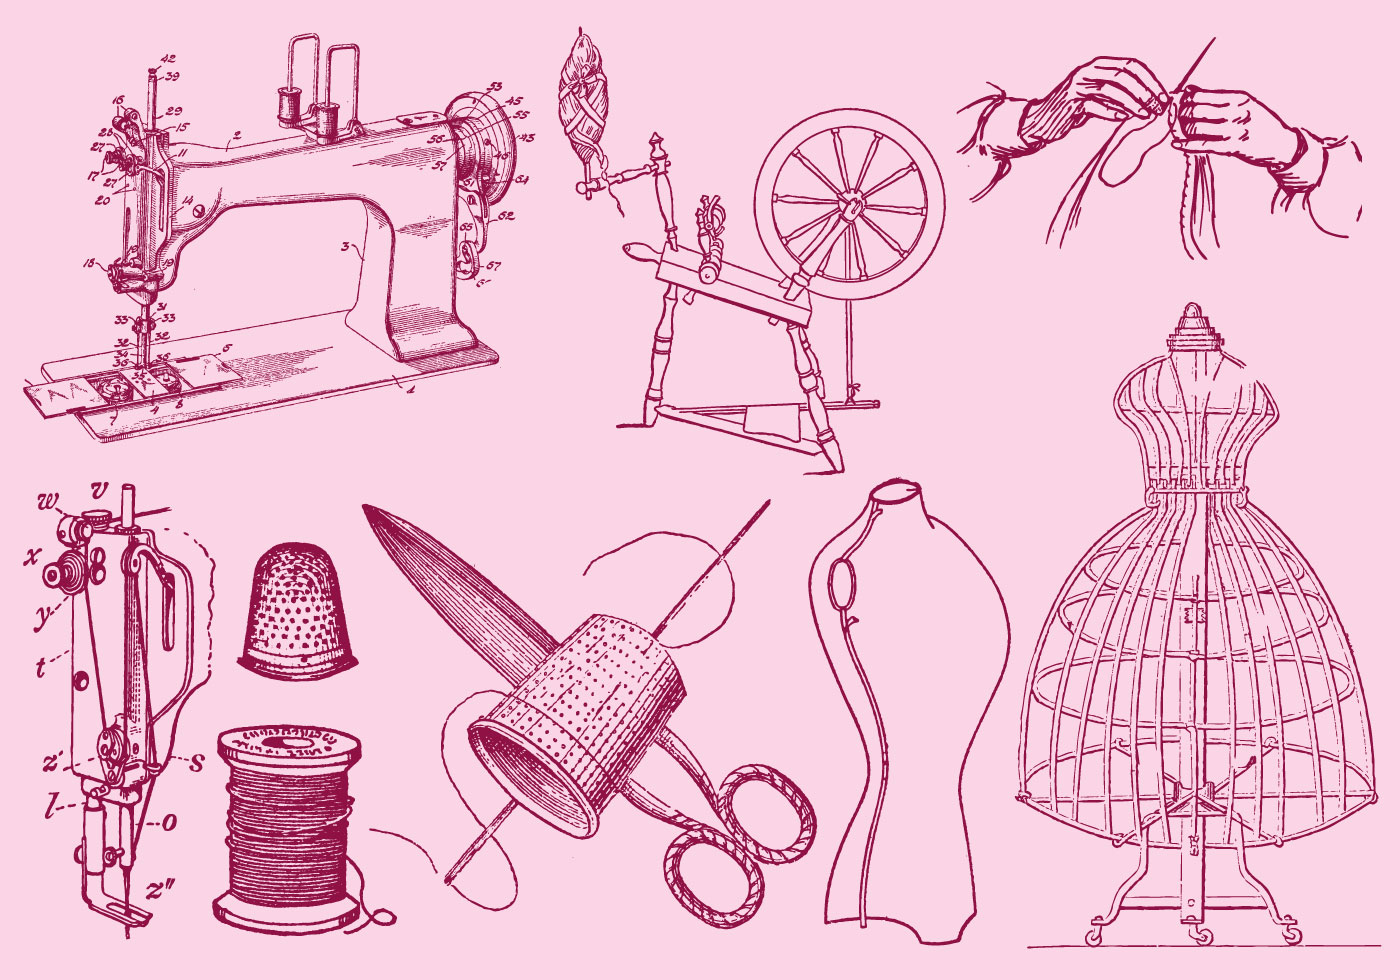 картинки швейной тематики очень